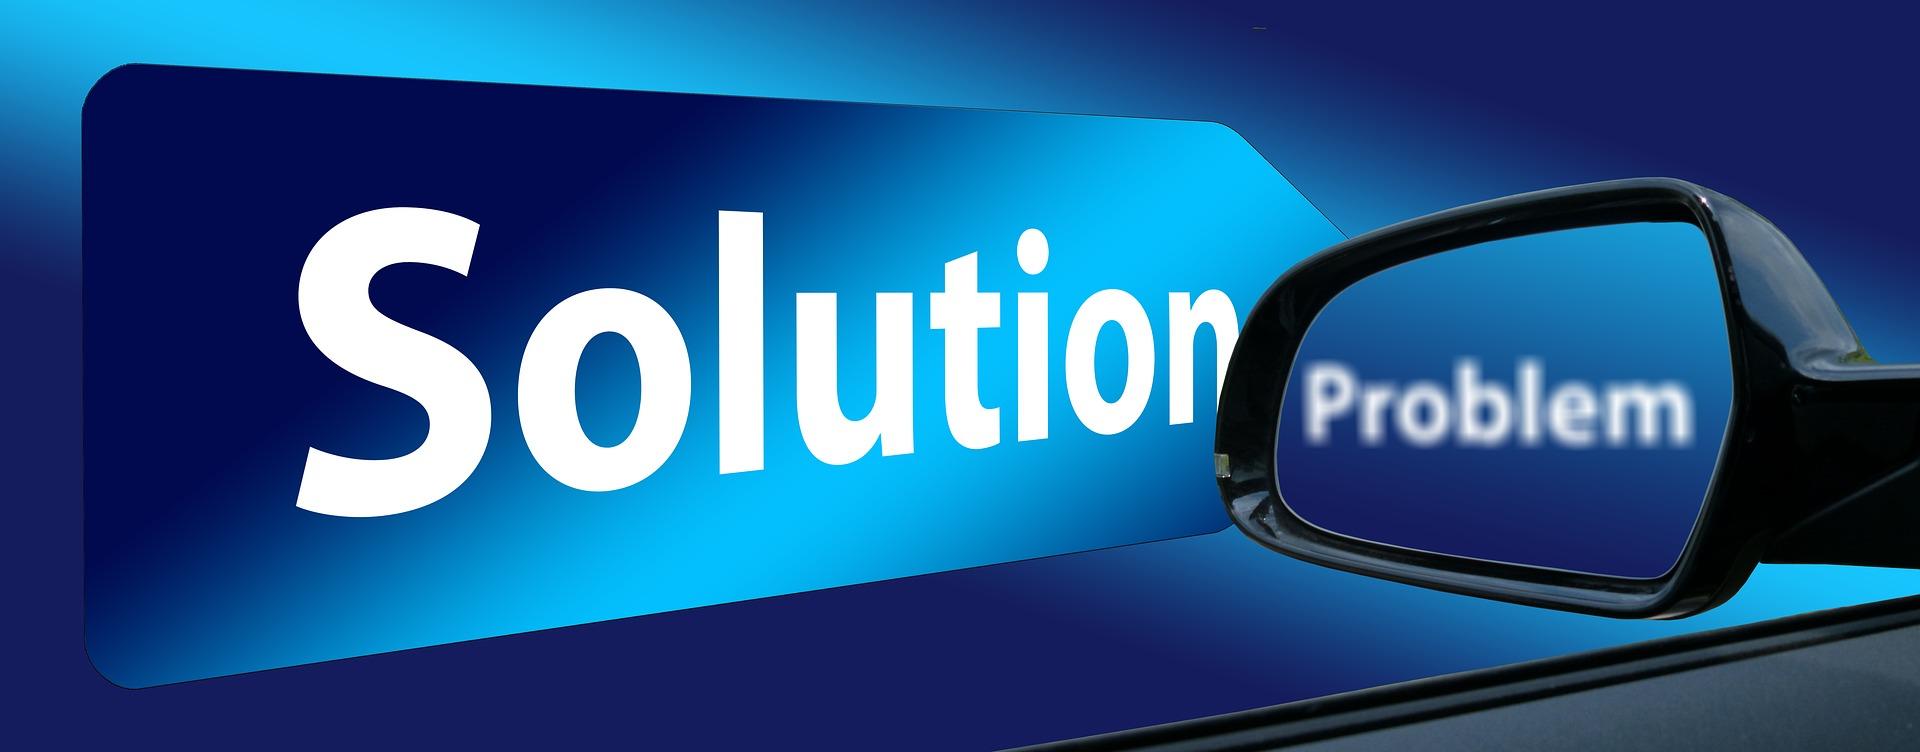 解決策 solution